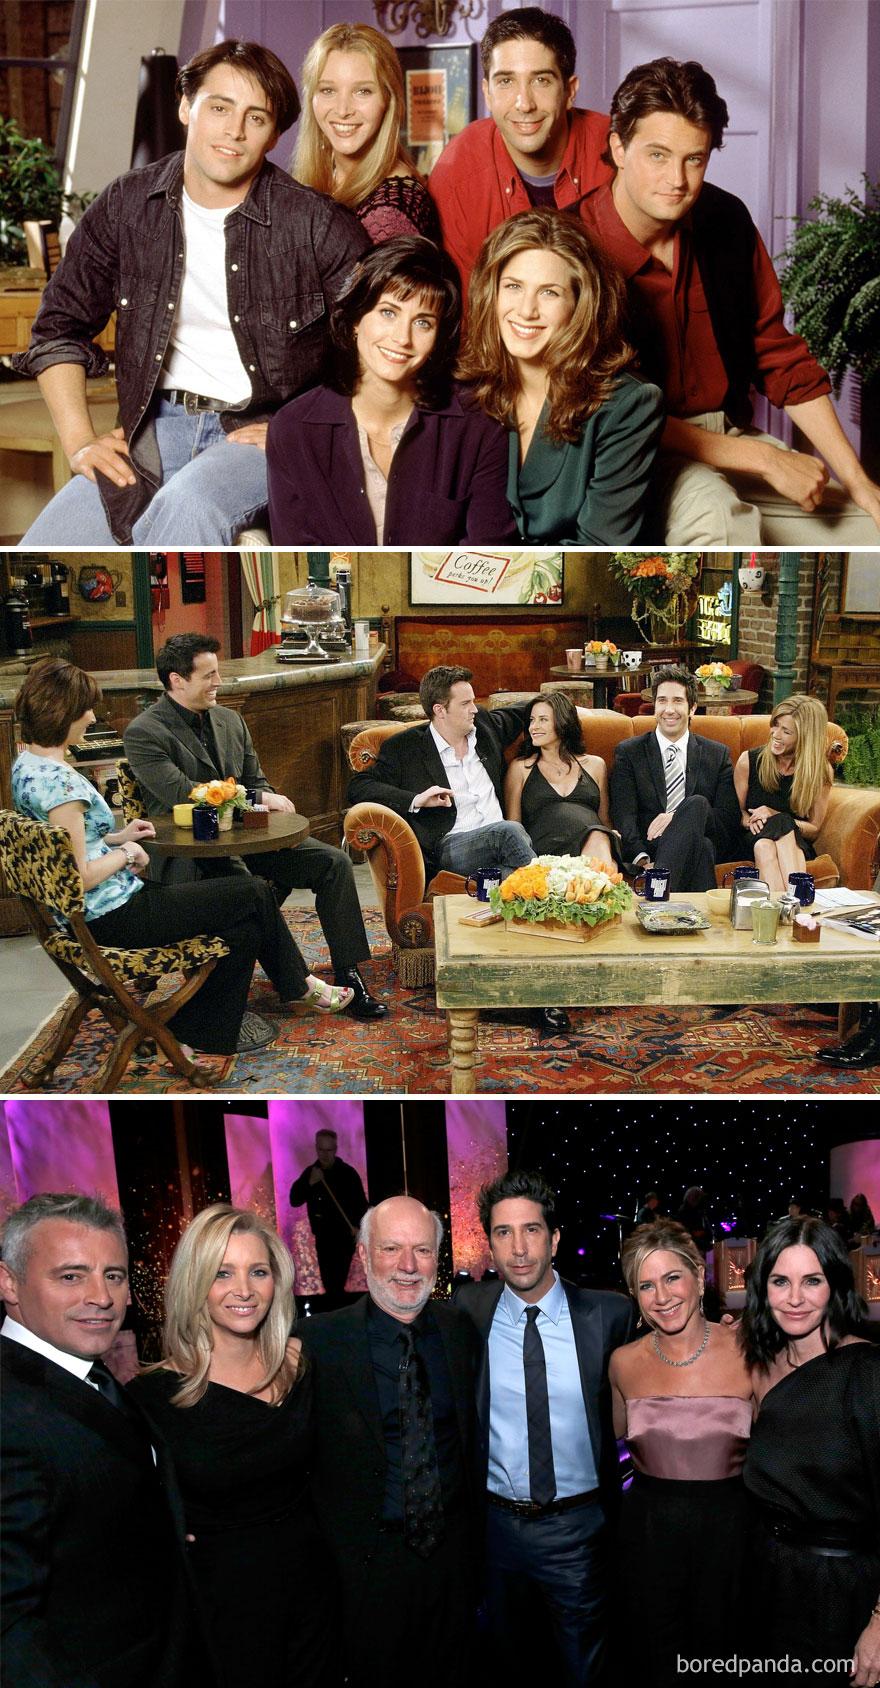 herci zo slavnych serialov niekedy a teraz (6)